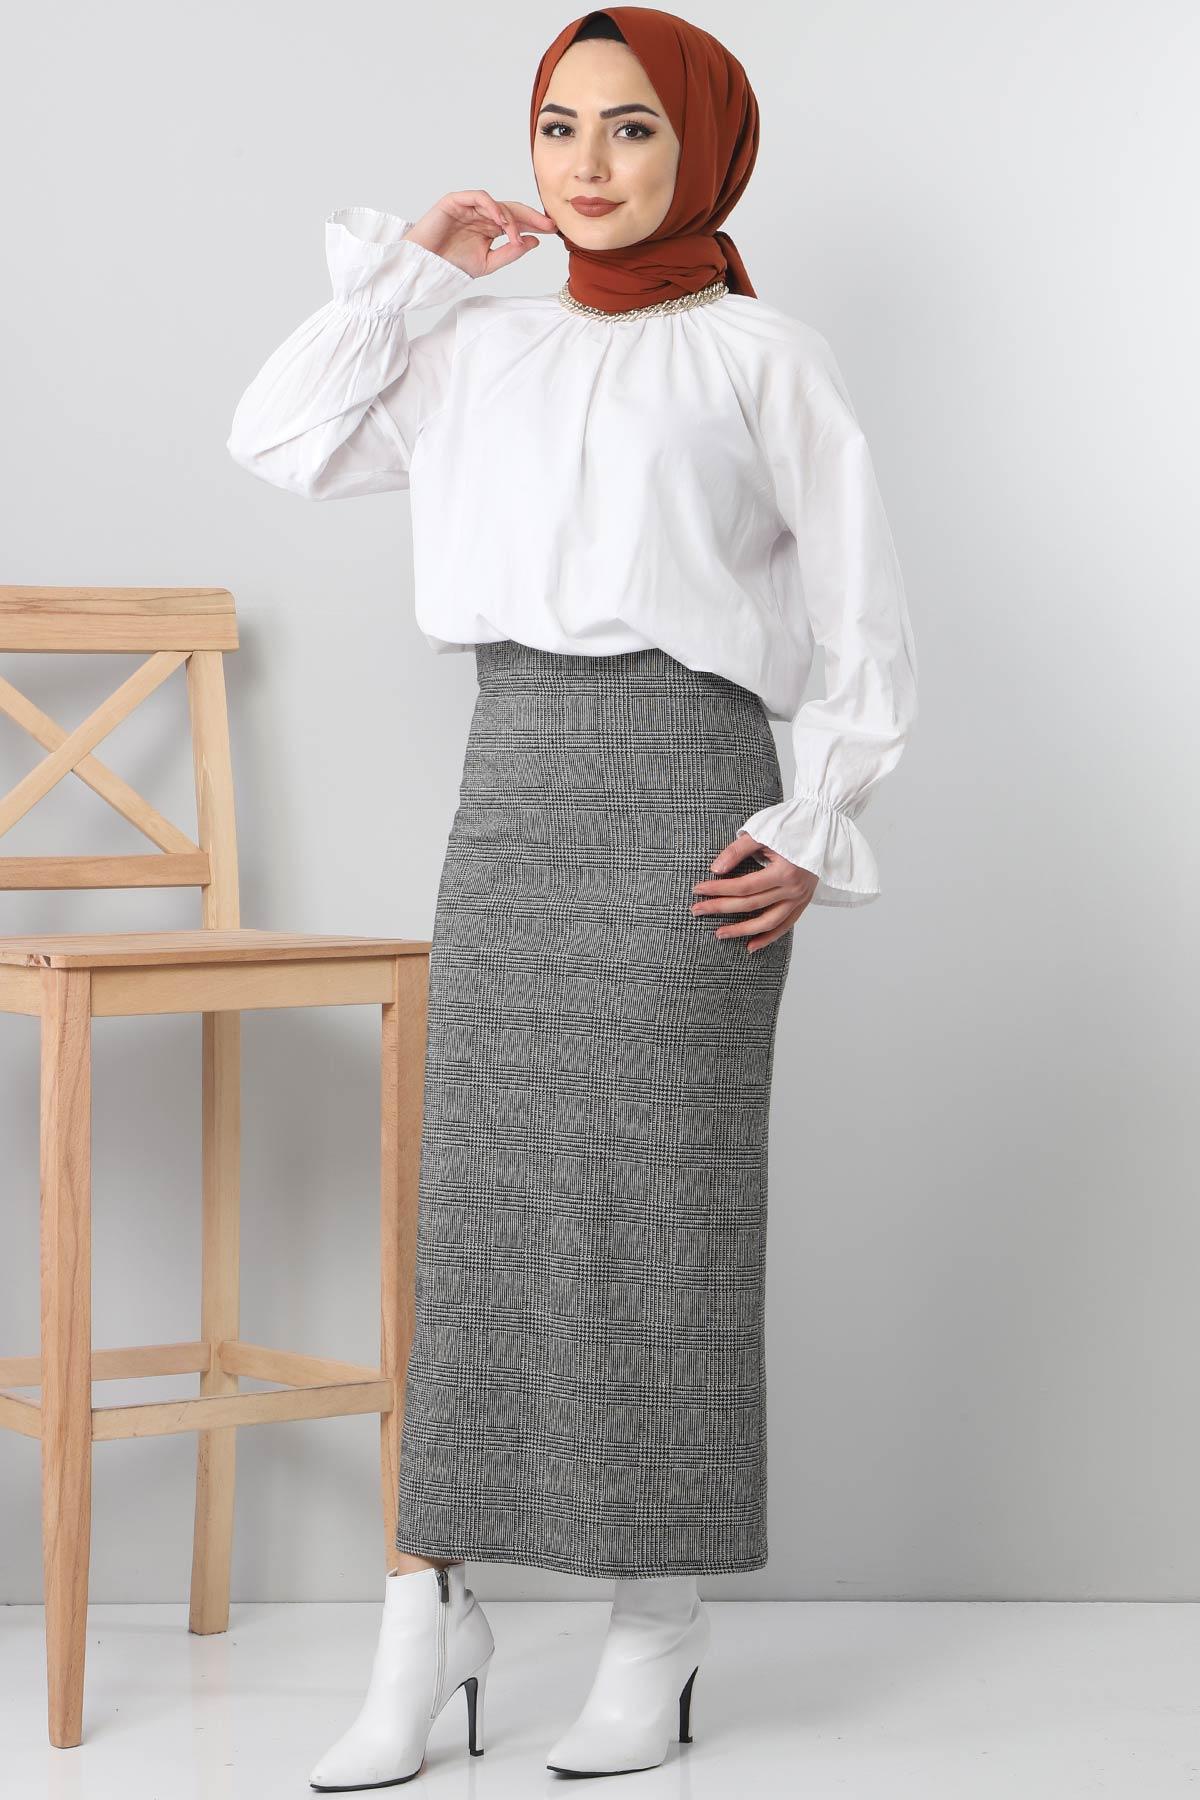 Patterned Winter Slim Skirt TSD3249 Gray